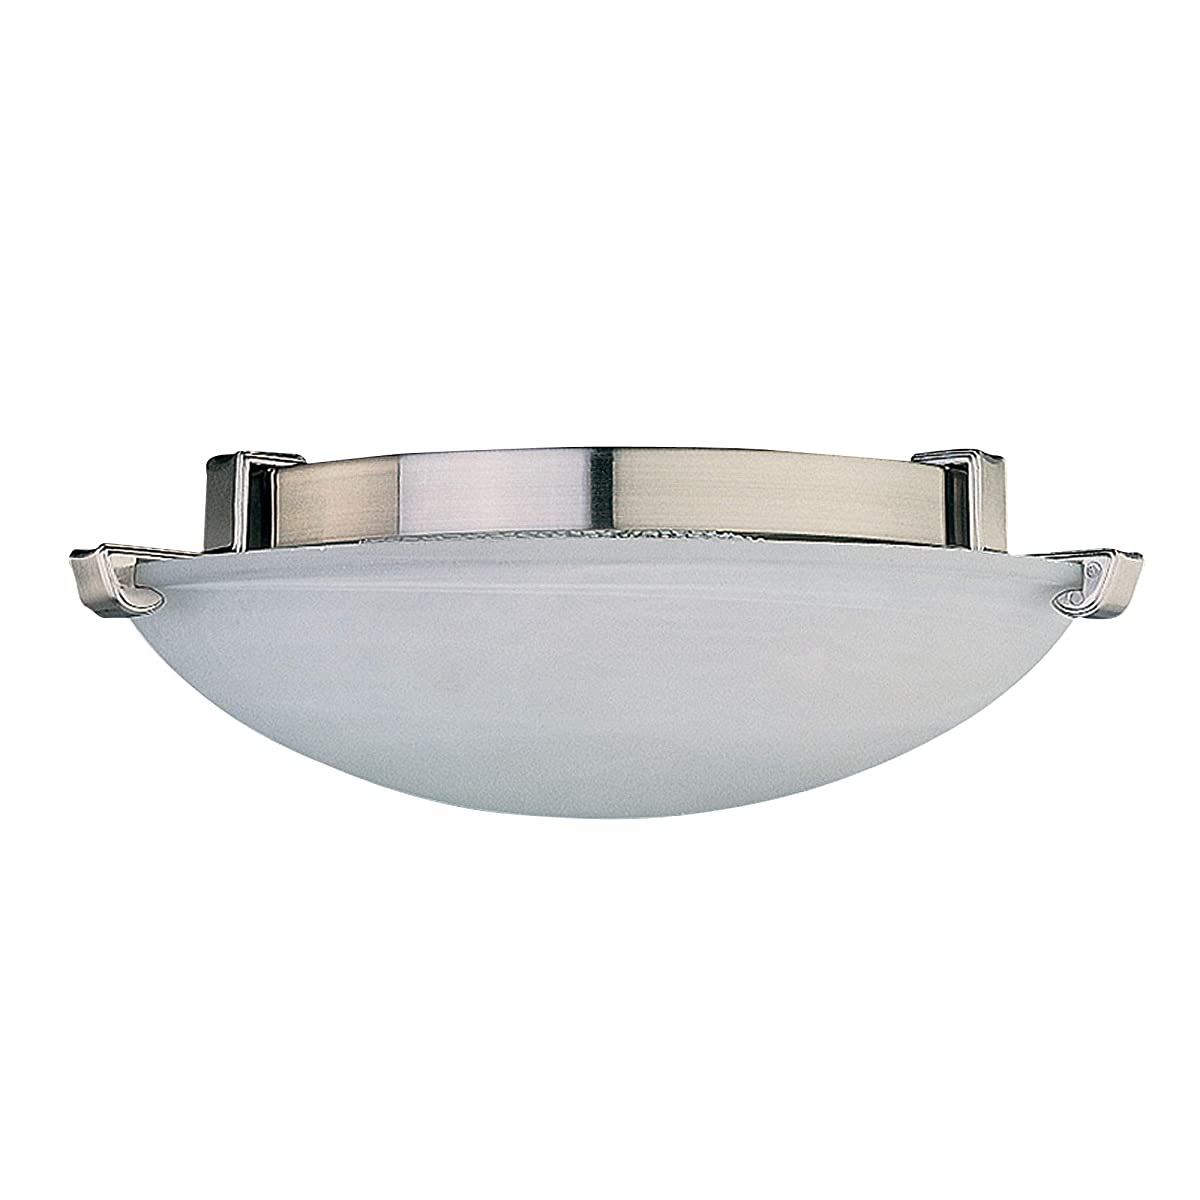 Concord Fans Y-221A-S-ST Lightkit 1 100W Halogen Fan Light Kit Stainless Steel